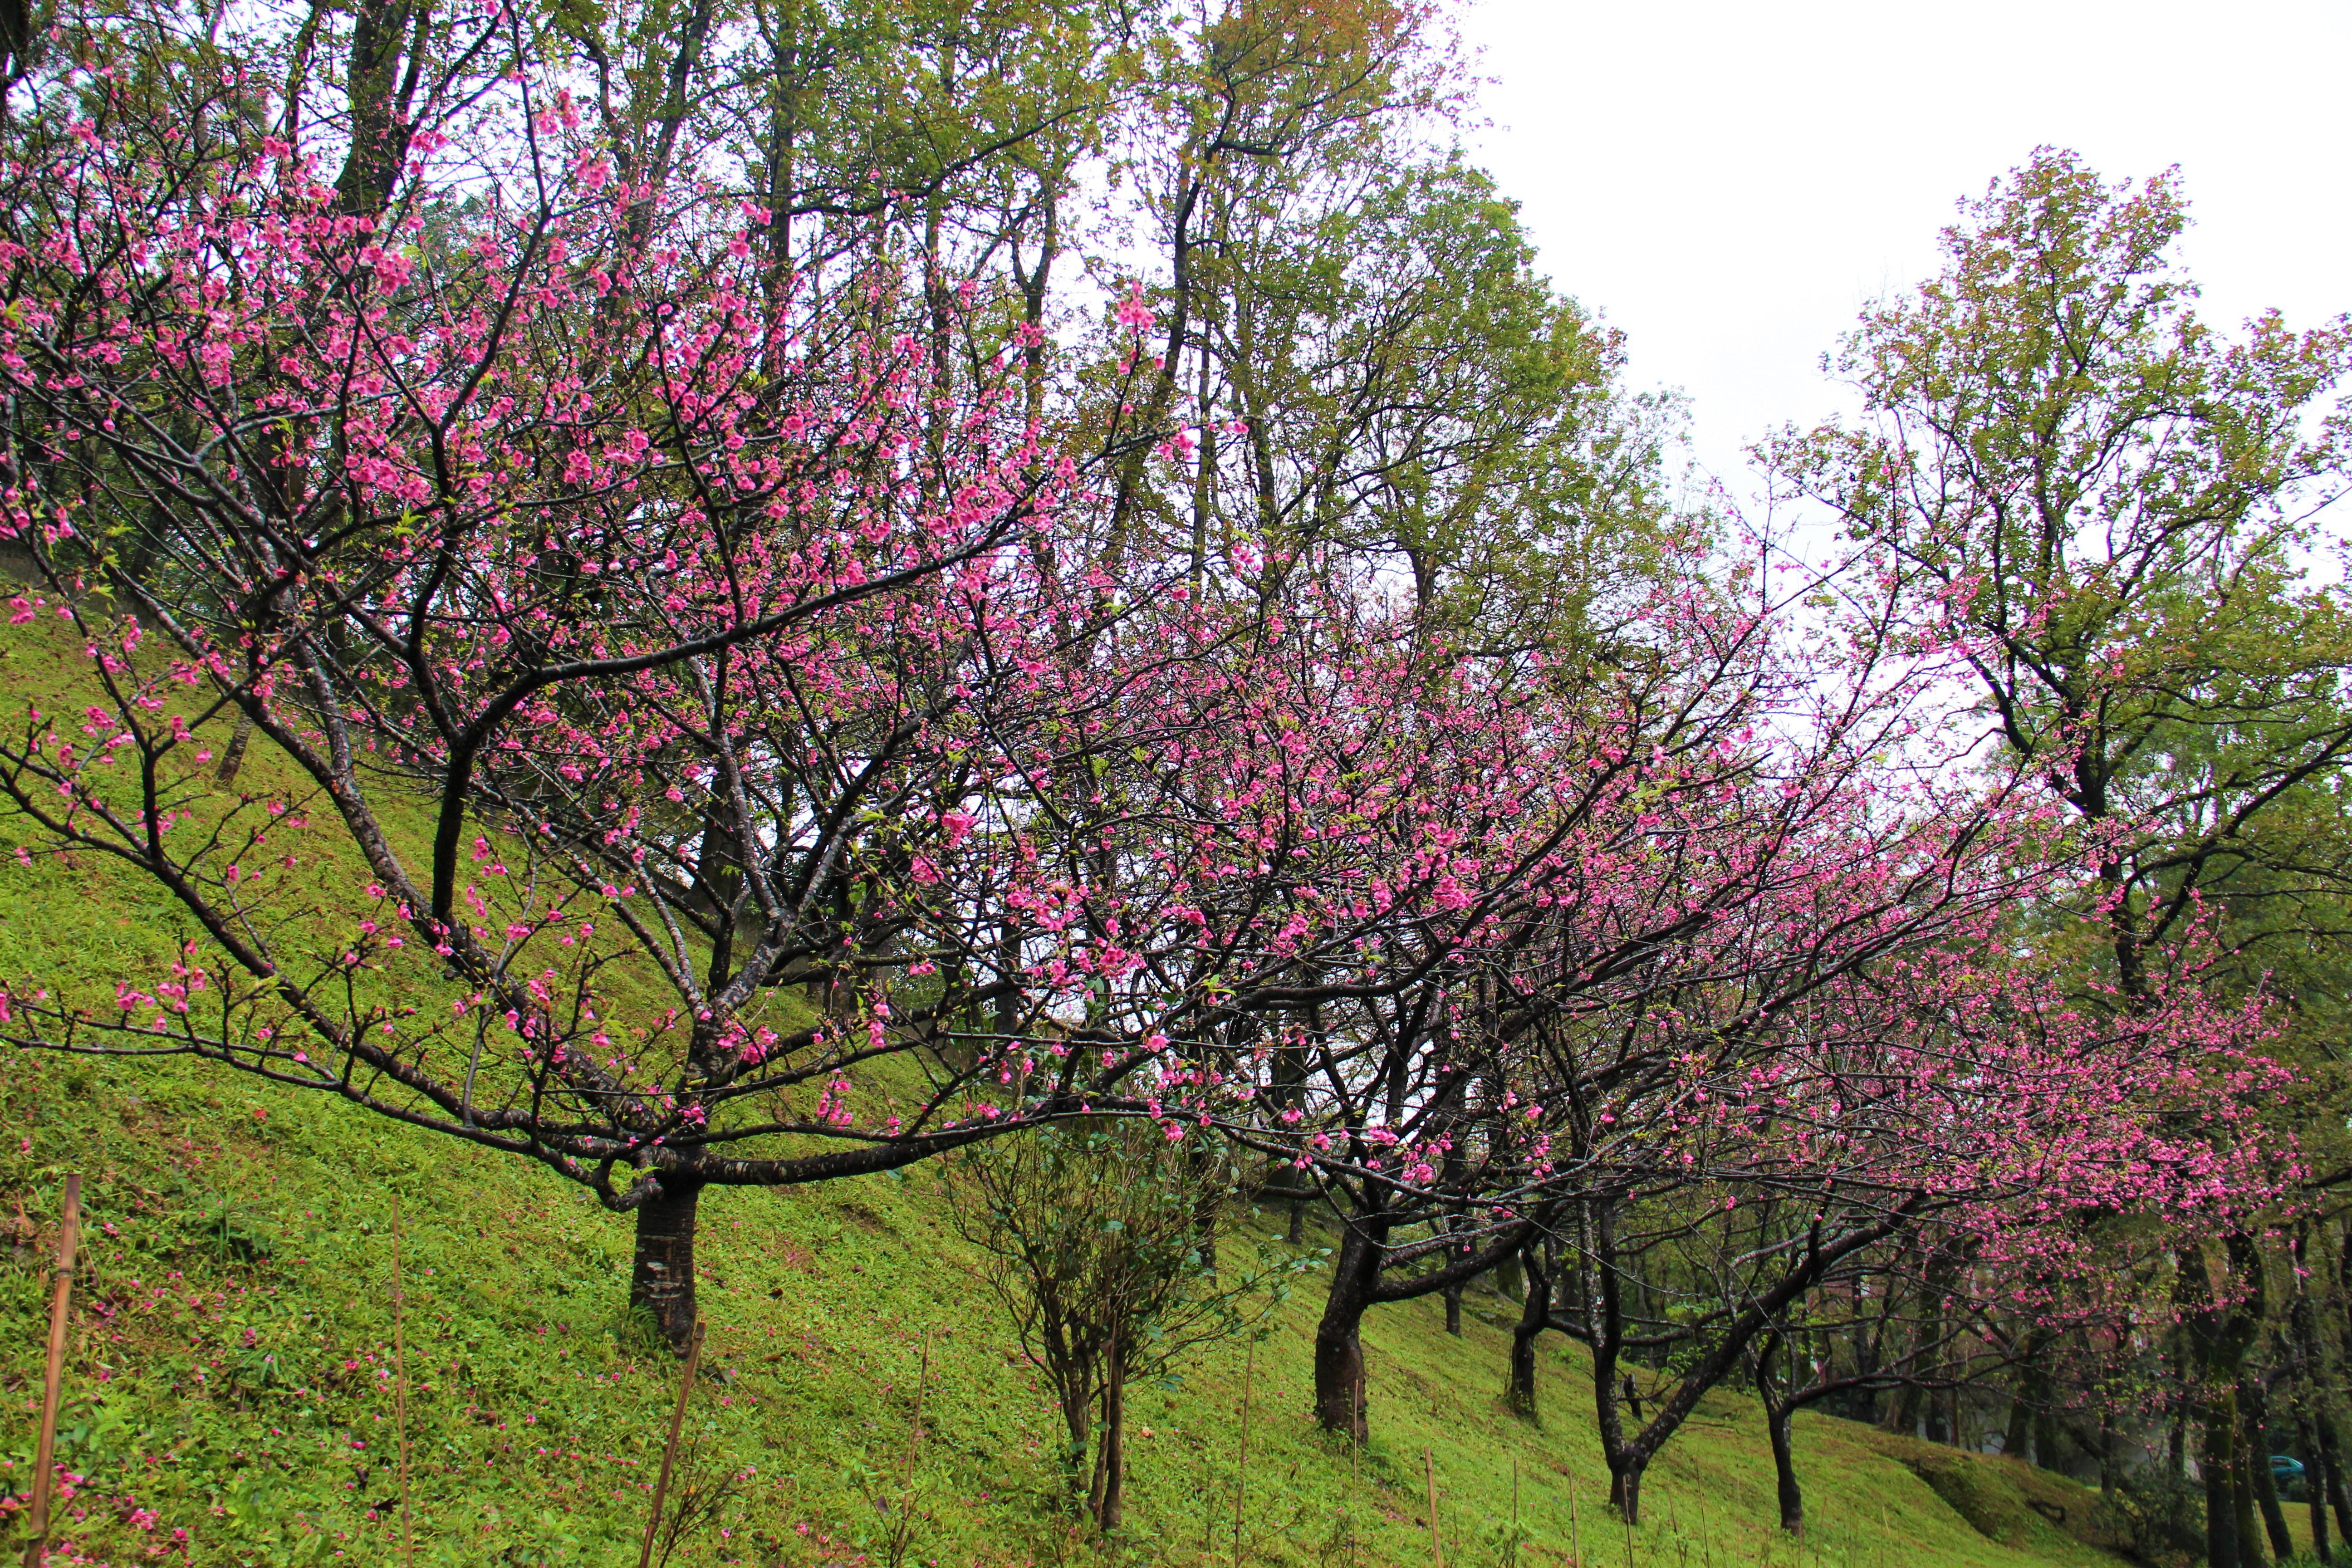 一年一度的櫻花季,花園新城綻放美麗多樣的櫻花。 攝影/蘇媚